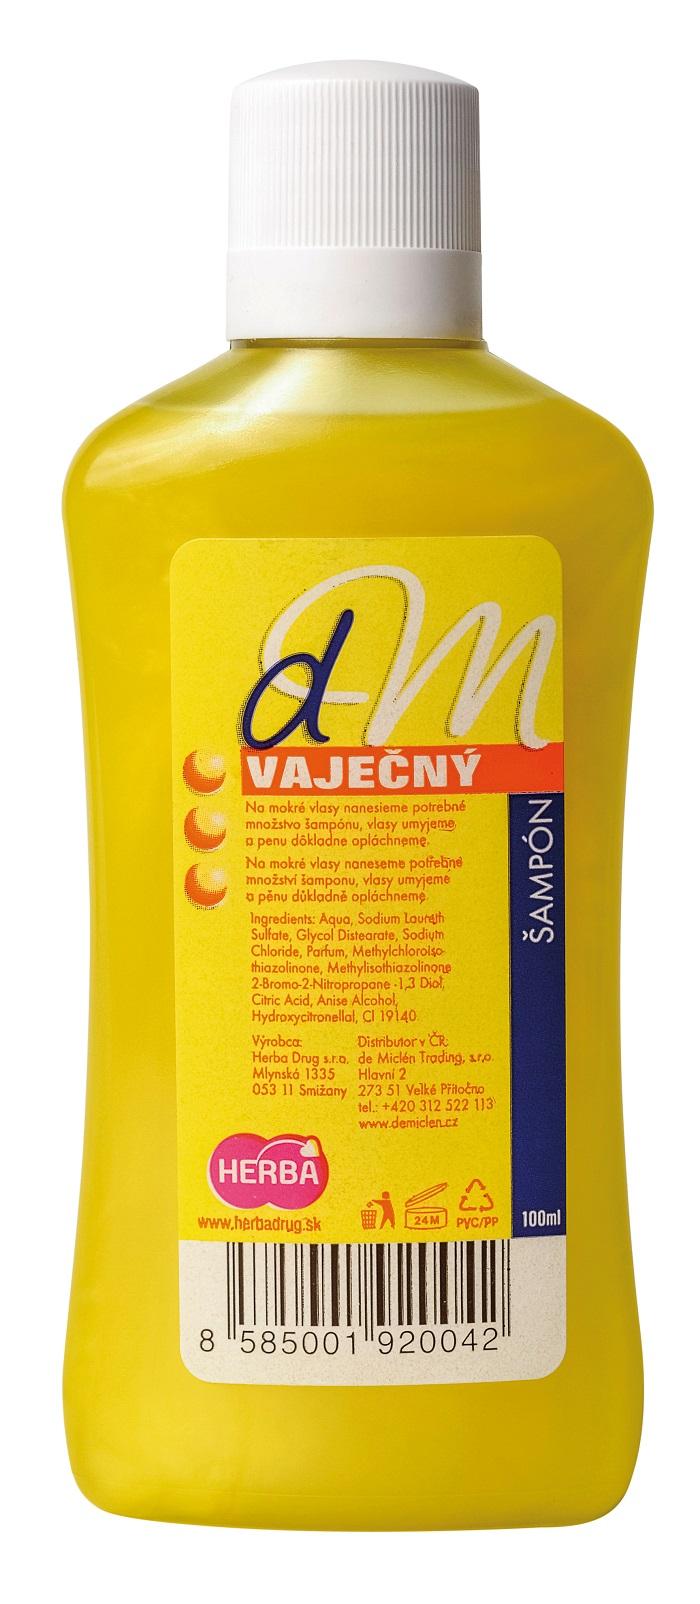 Vaječný šampon-small2